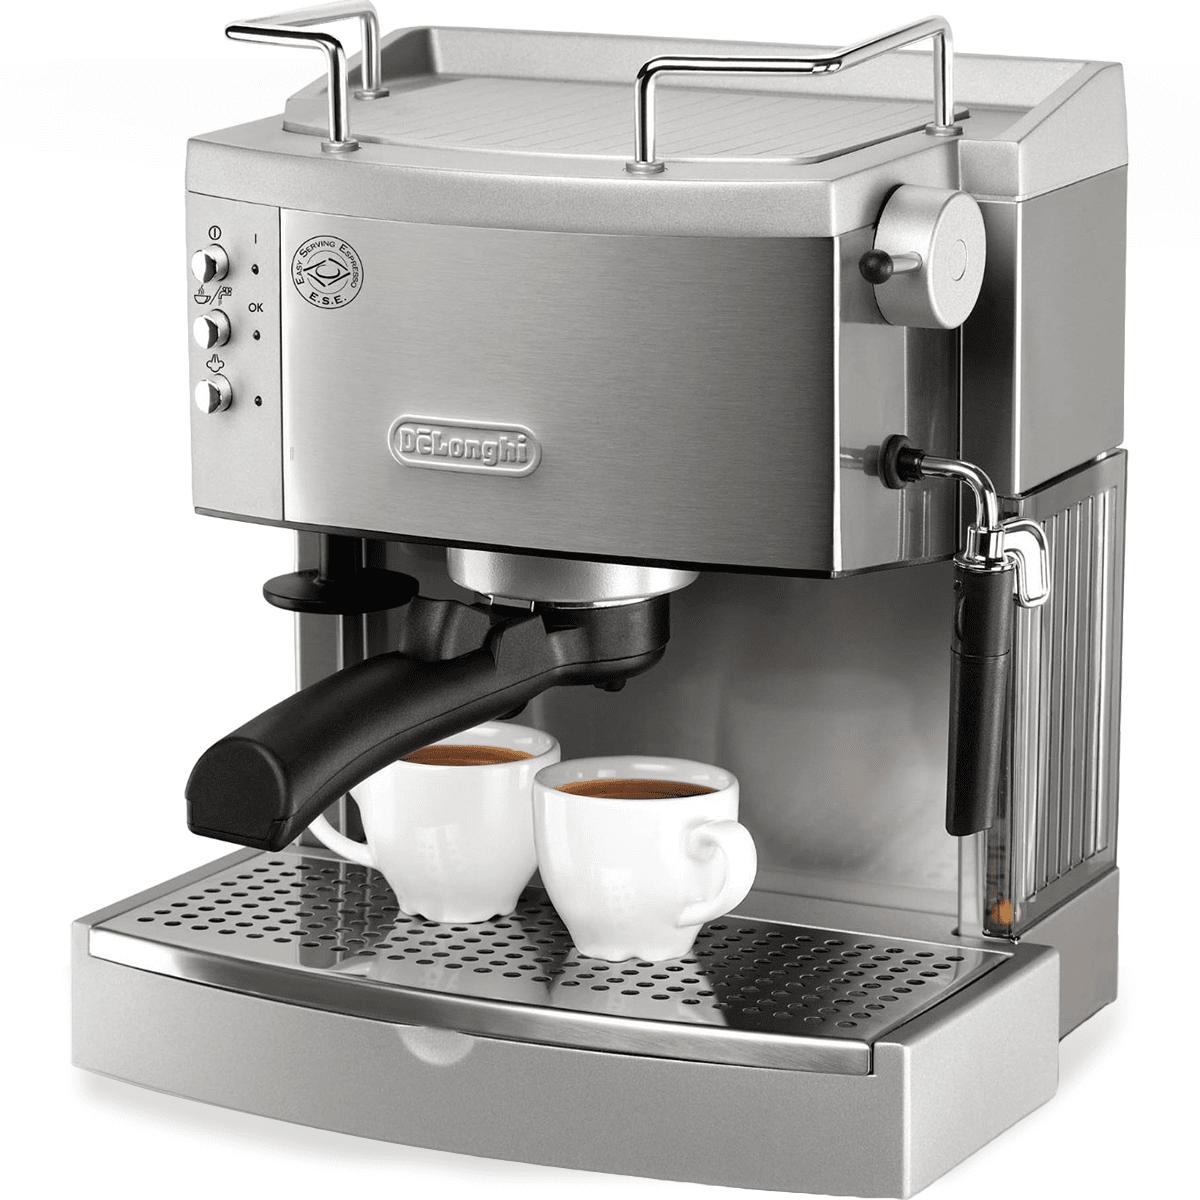 DeLonghi EC702 Manual Espresso Machine